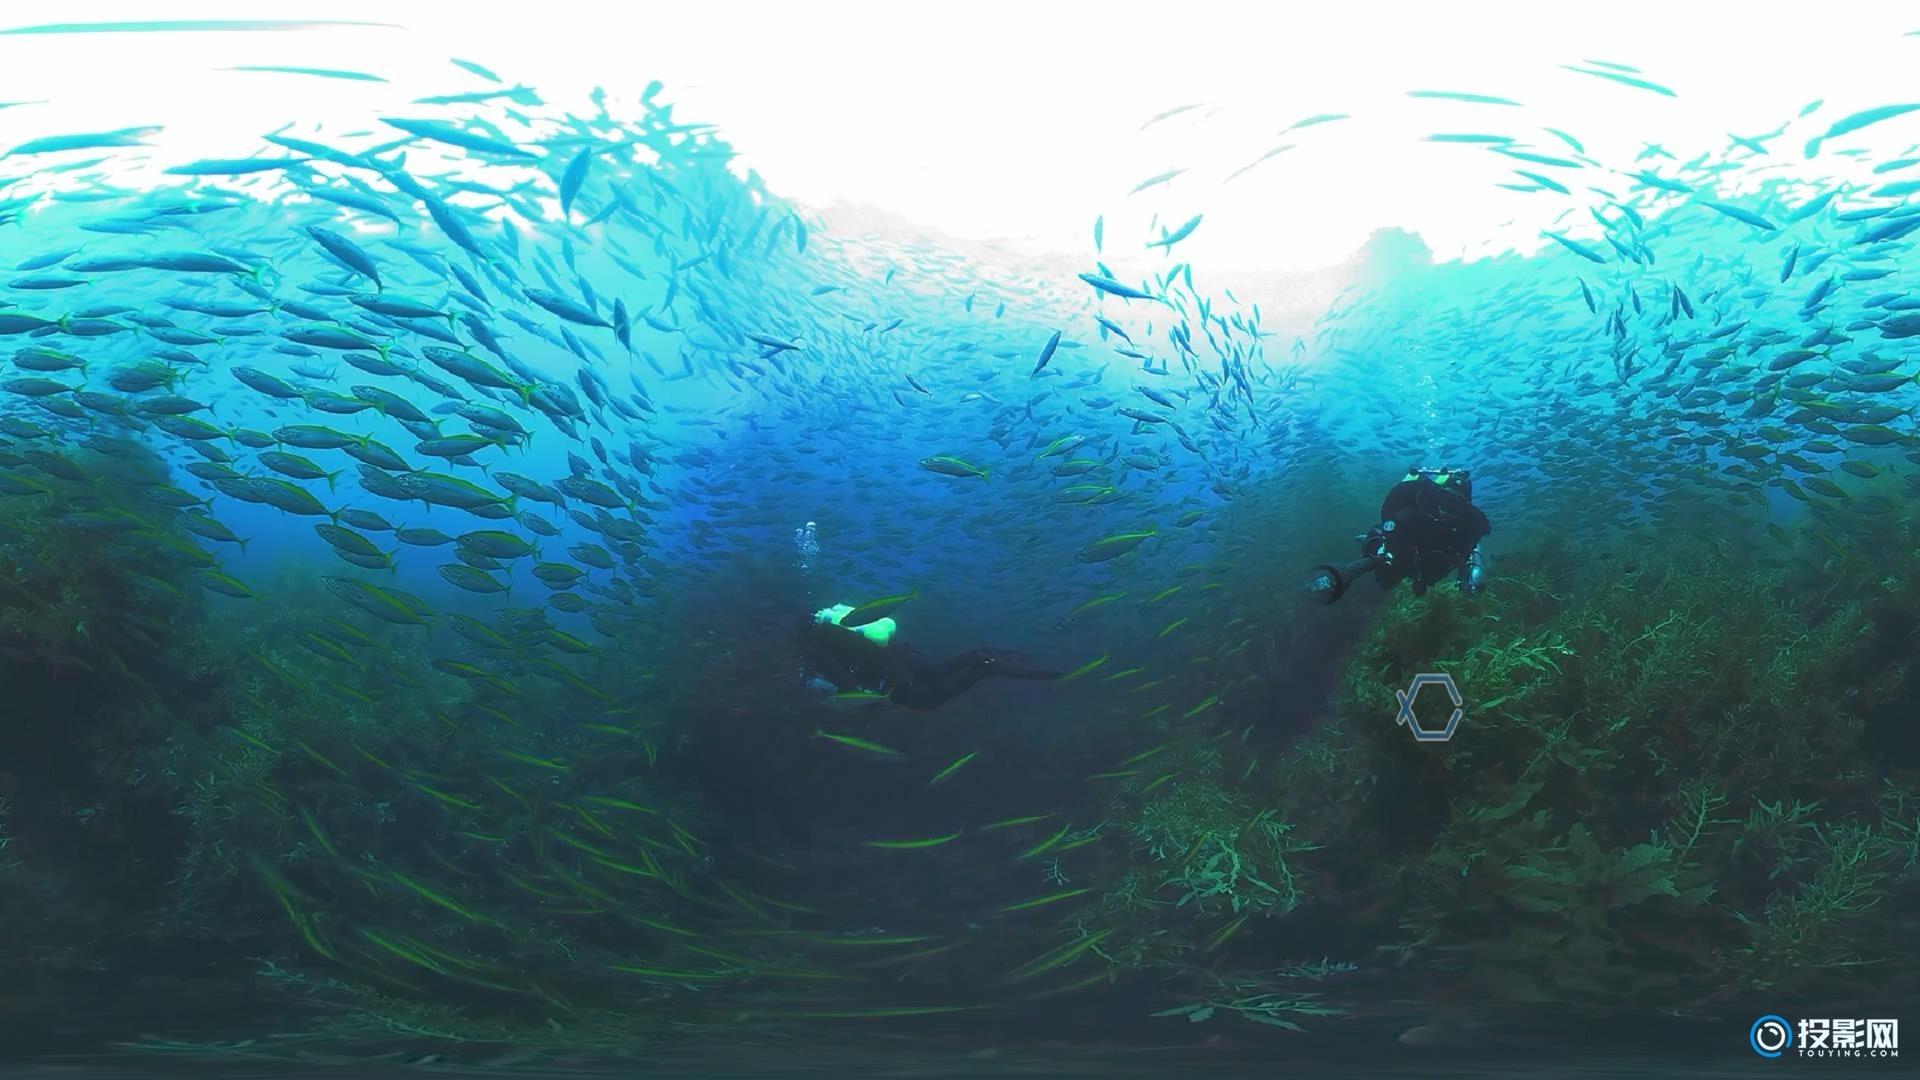 [VR360°全景] 被鱼群环绕是什么体验 VR视频下载